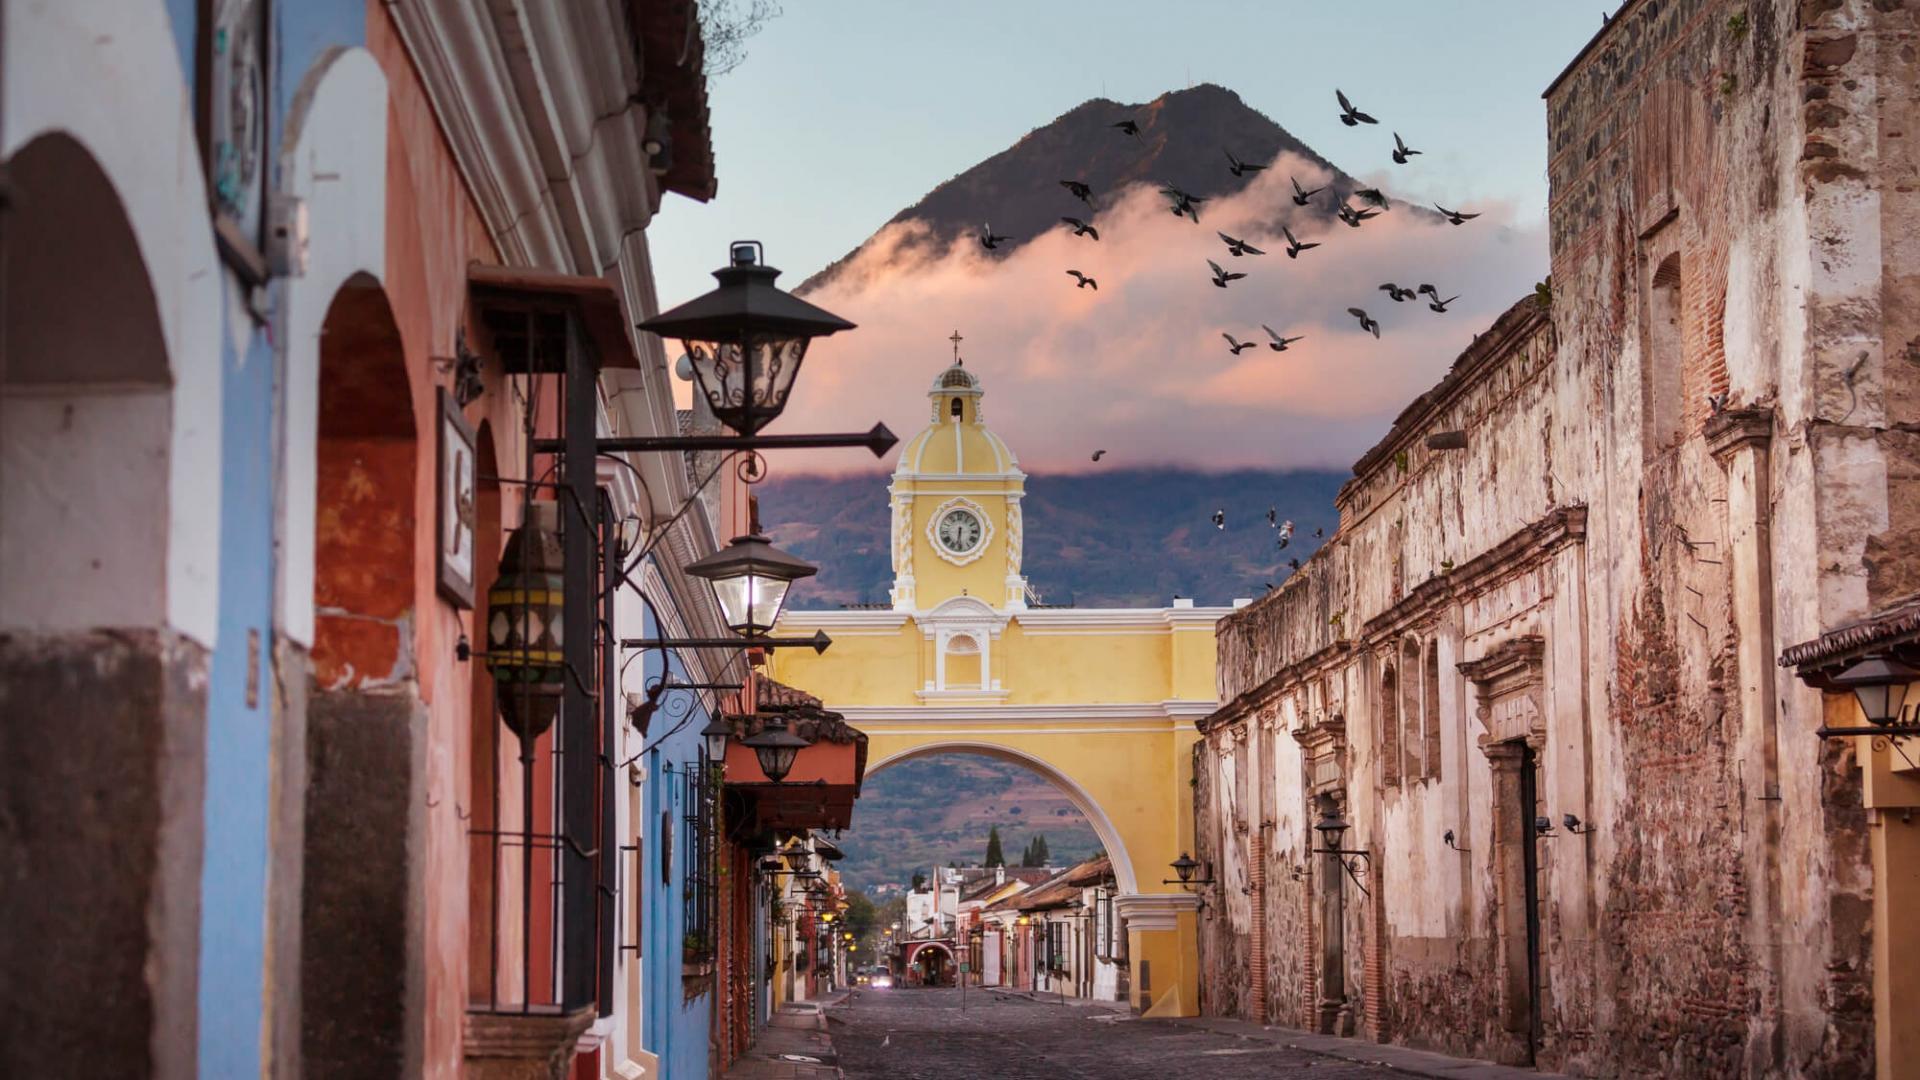 Išskirtiniai vaizdai Antigua miestelyje